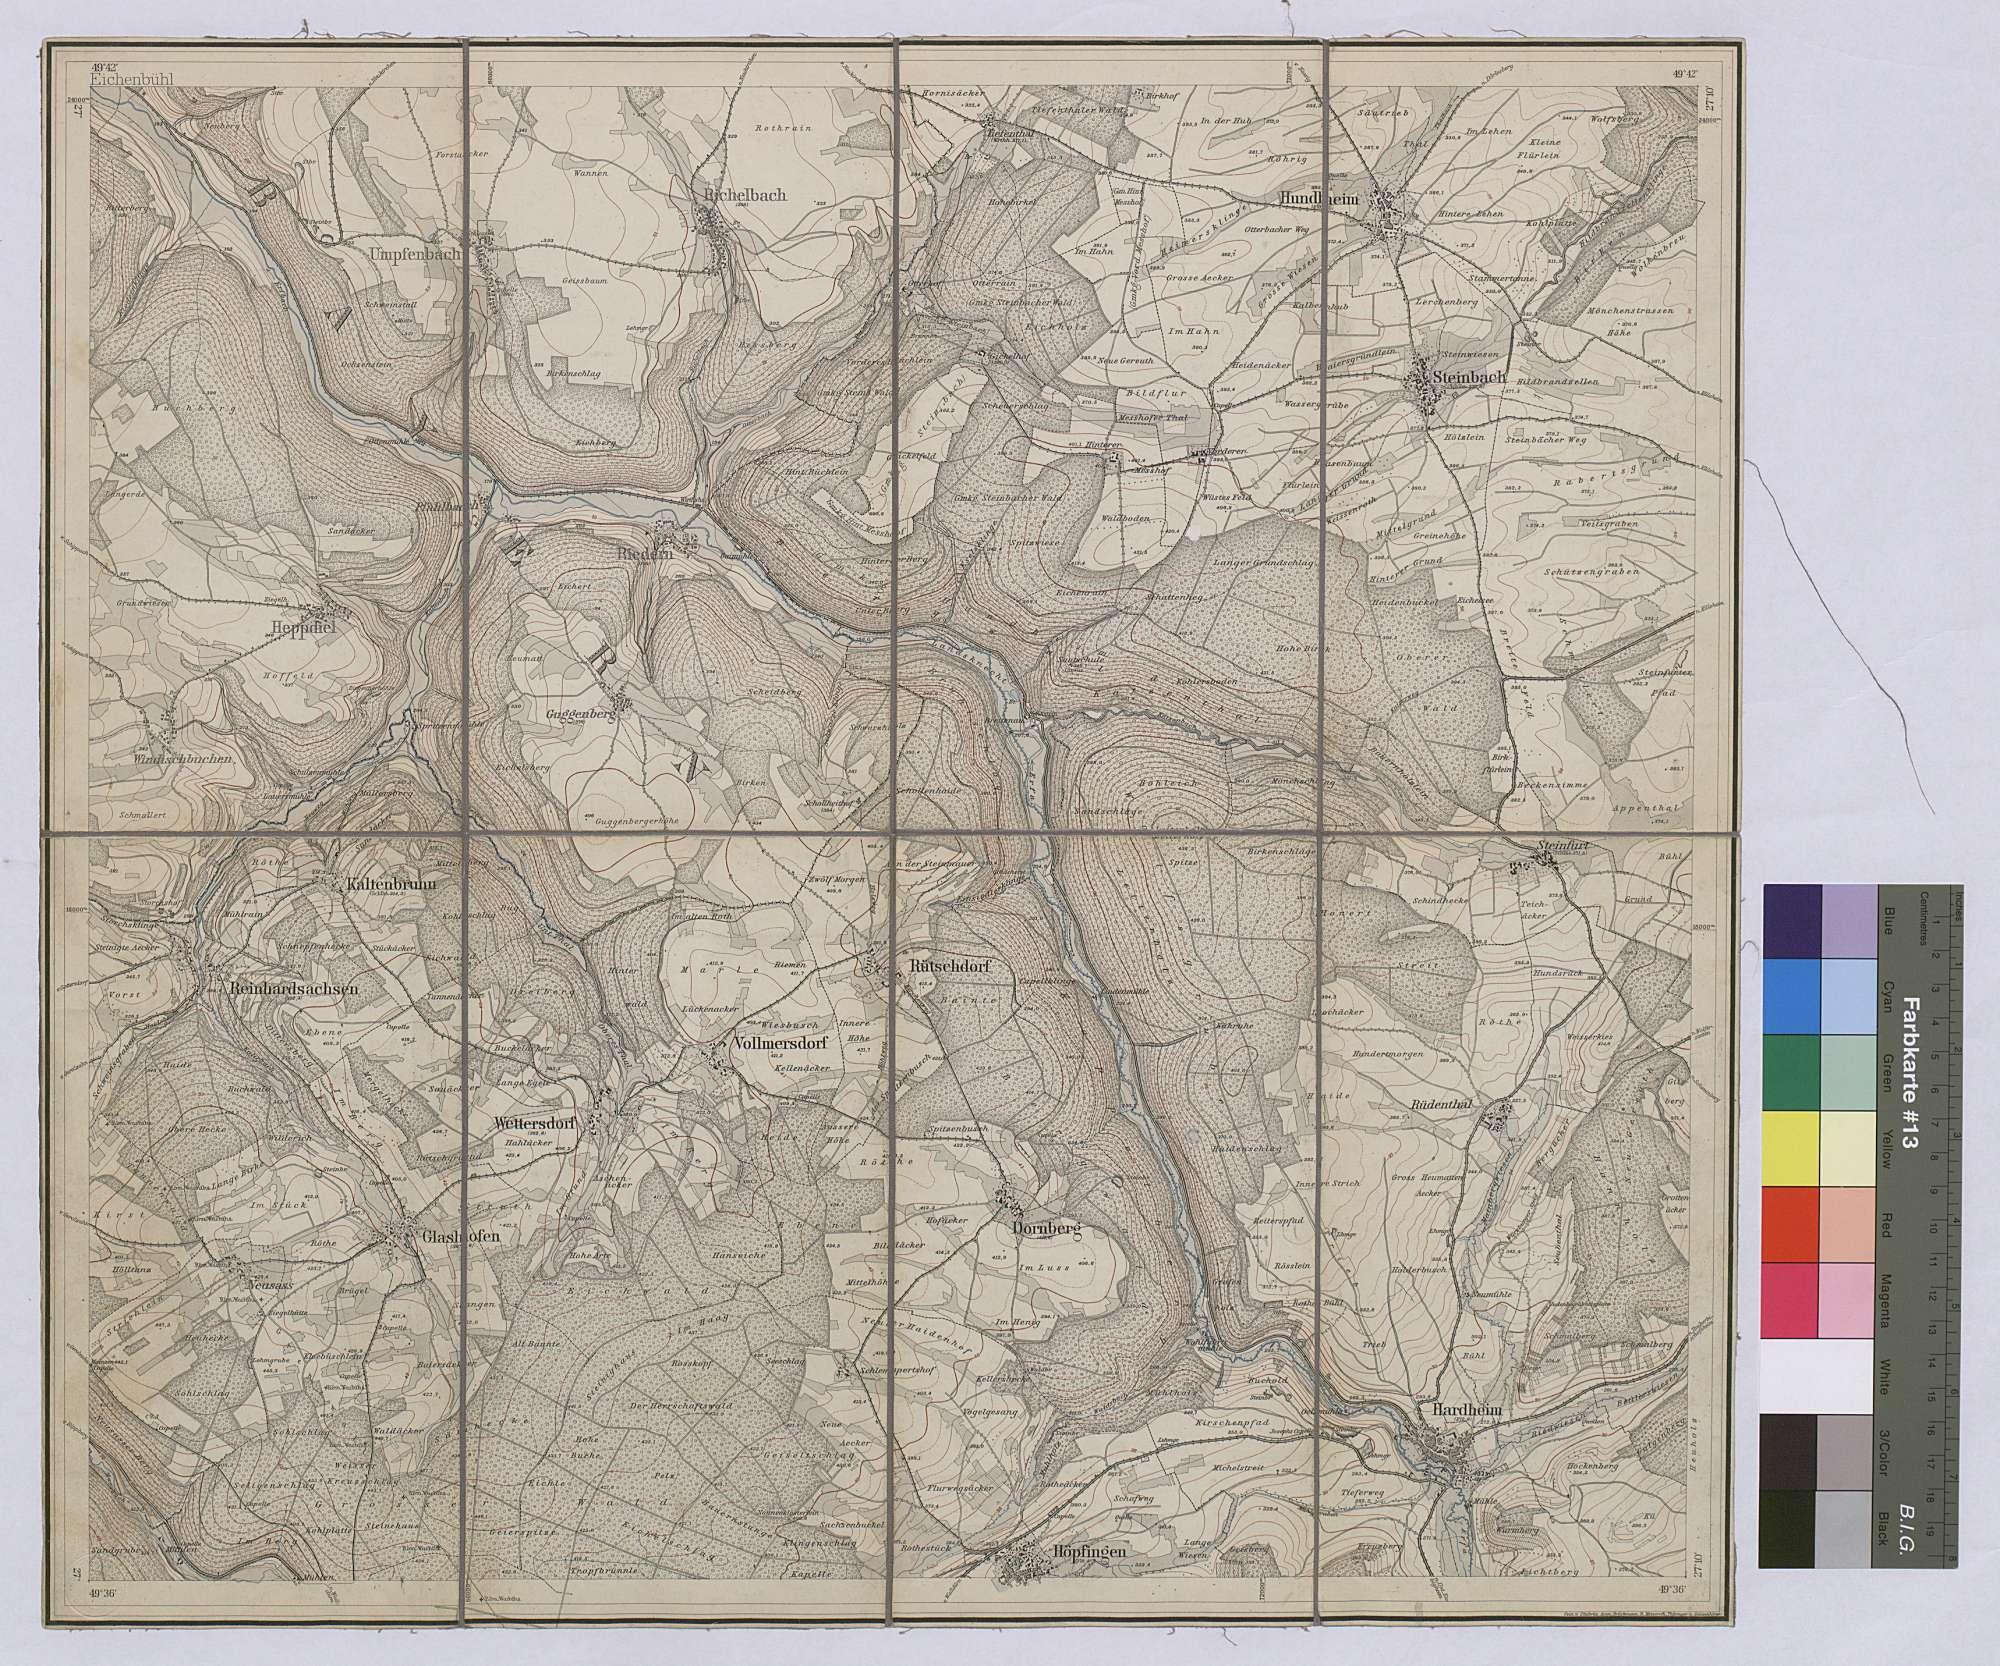 Topographische Karte Hardheim [Nr. 6322] Maßstab 1:25 000 / Zwei-Farben-Druck / 47 x 51 cm, Bild 1